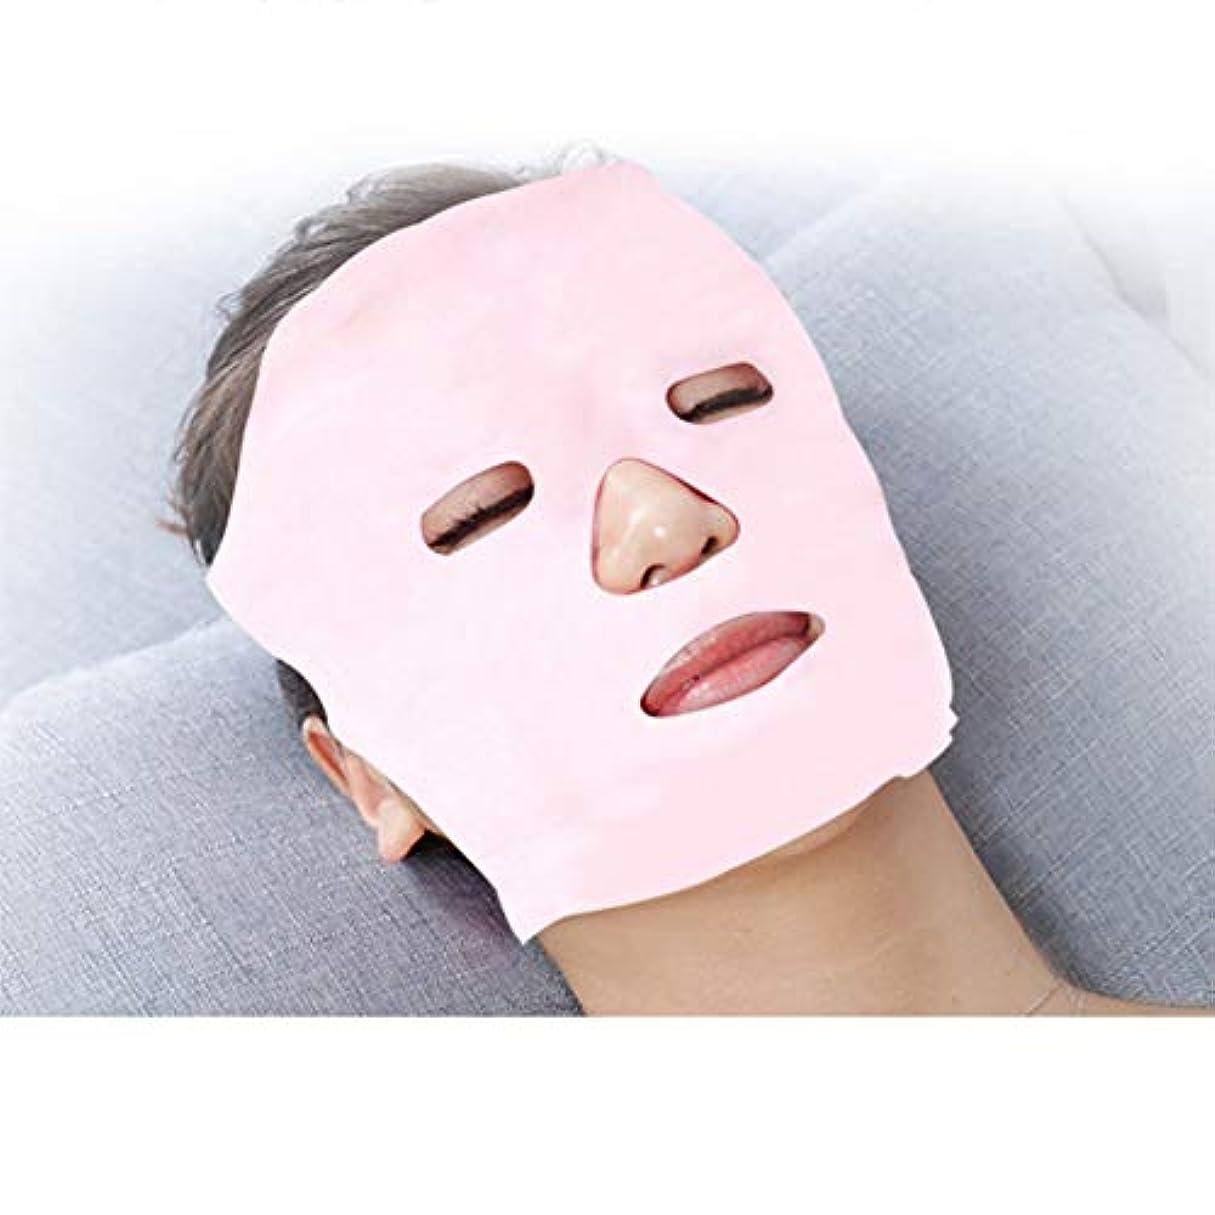 盆トランジスタホイールトルマリンジェル マグネットマスク マッサージマスク 颜美容 フェイスマスク 薄い顔 肤色を明るく ヘルスケアマスク 磁気 ェイスポーチ Cutelove